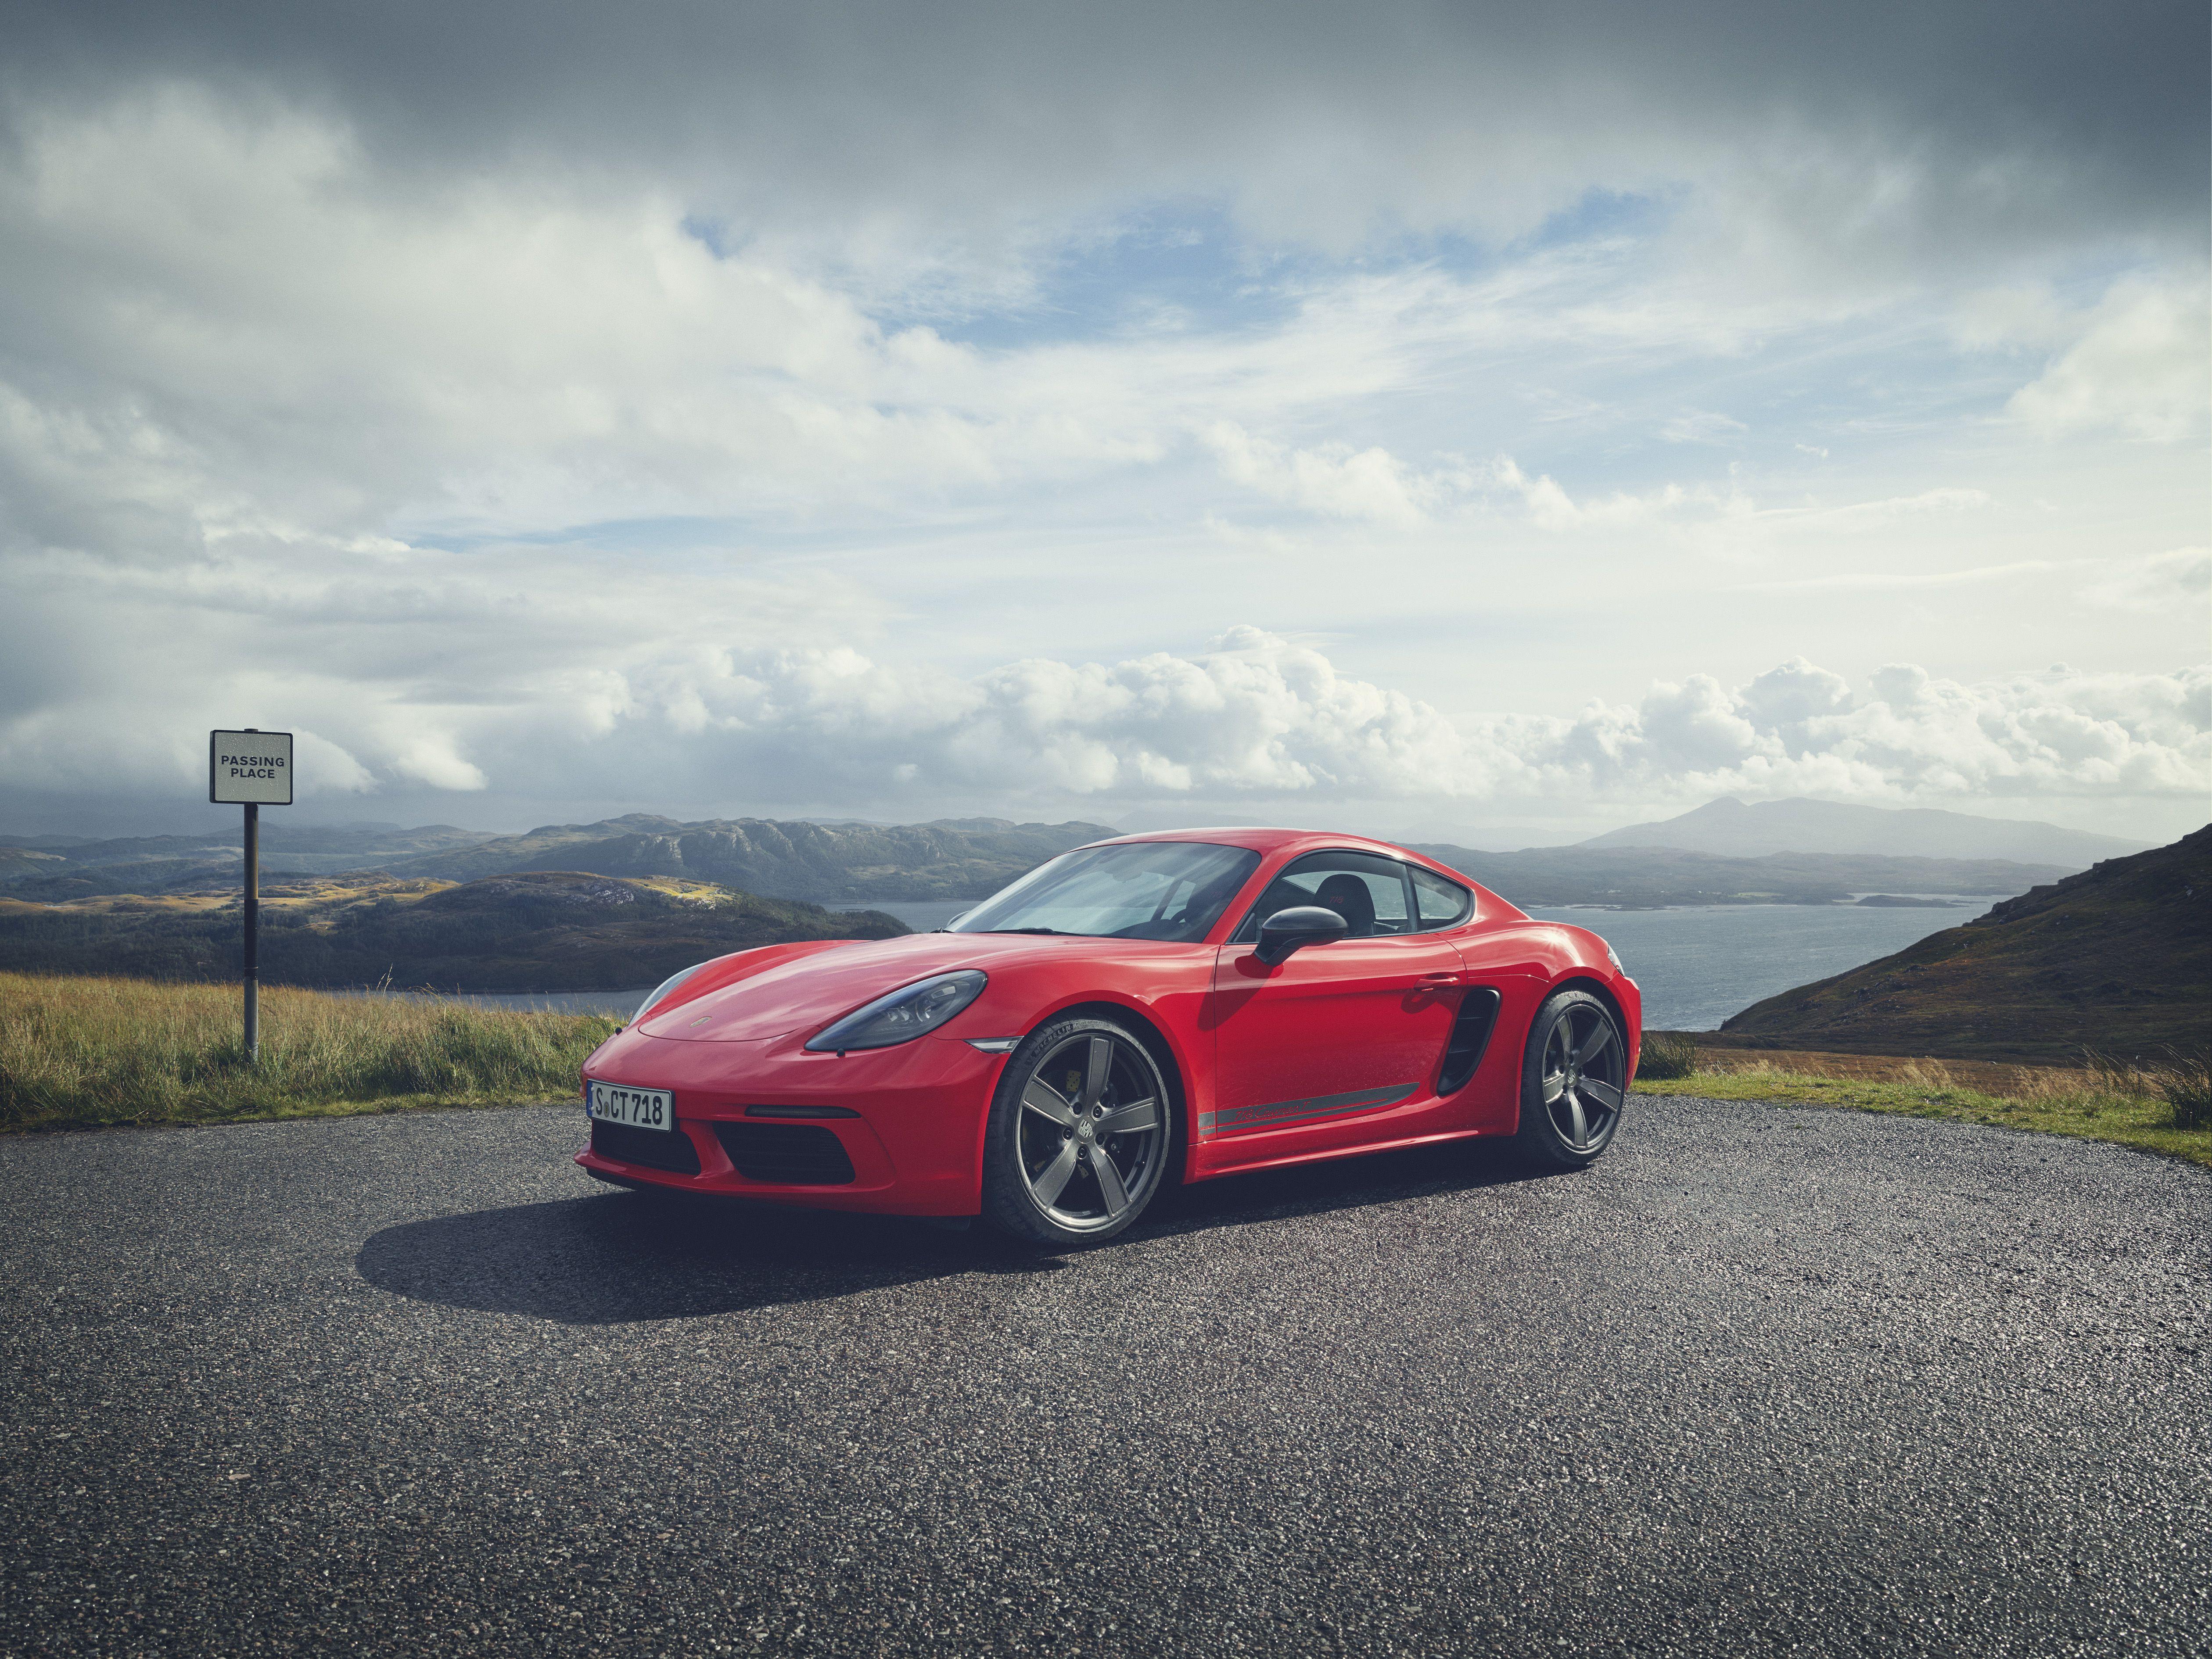 Porsche 718 Cayman Gts 4k Ultra Hd Wallpaper Background Image 5040x3781 Id 980264 Wallpaper Abyss